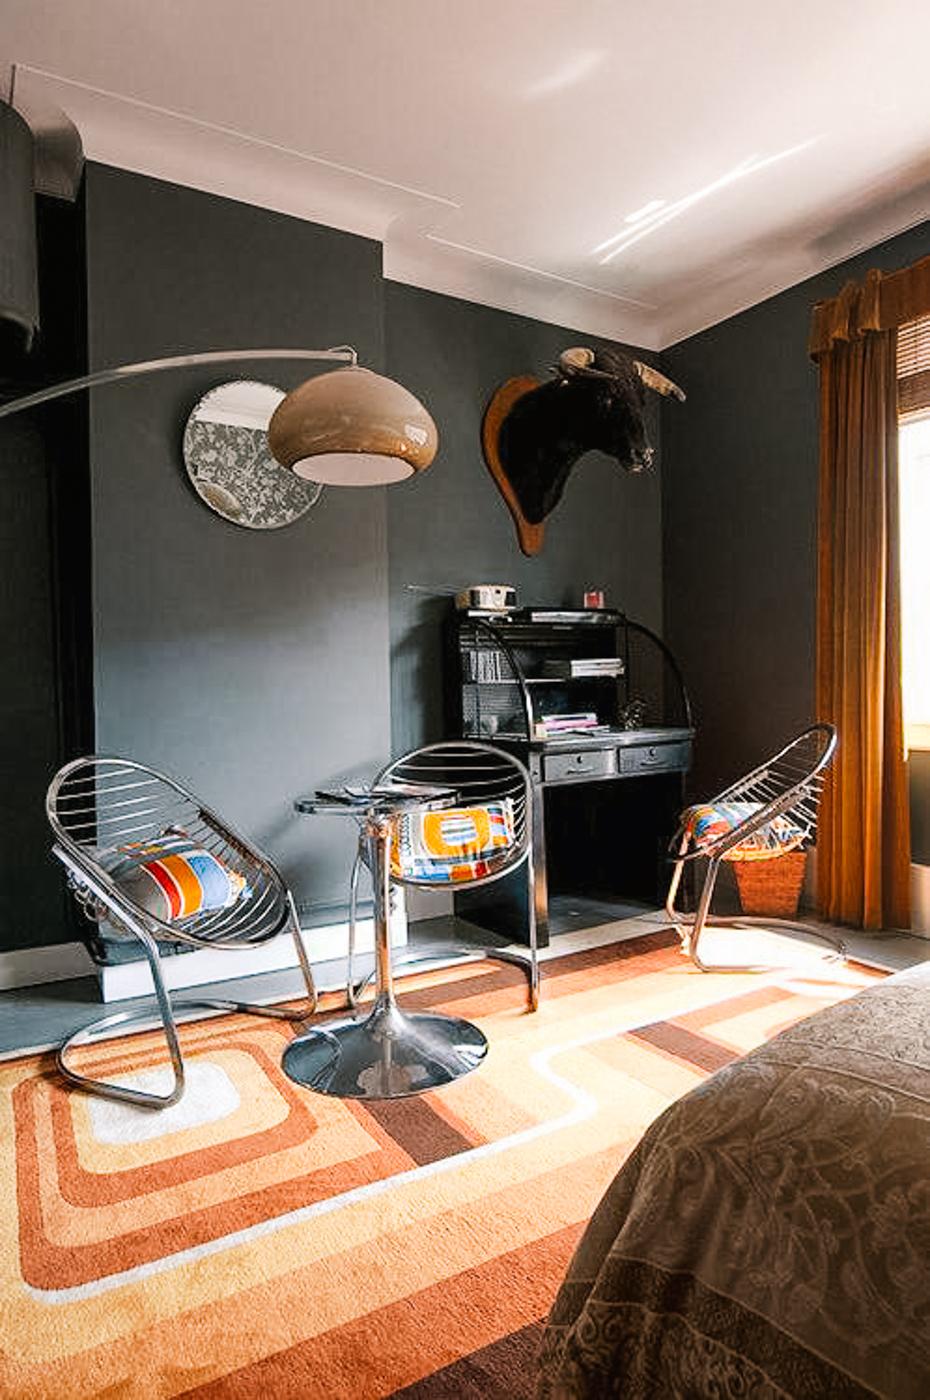 Bed & Breakfast Antwerpen_-2